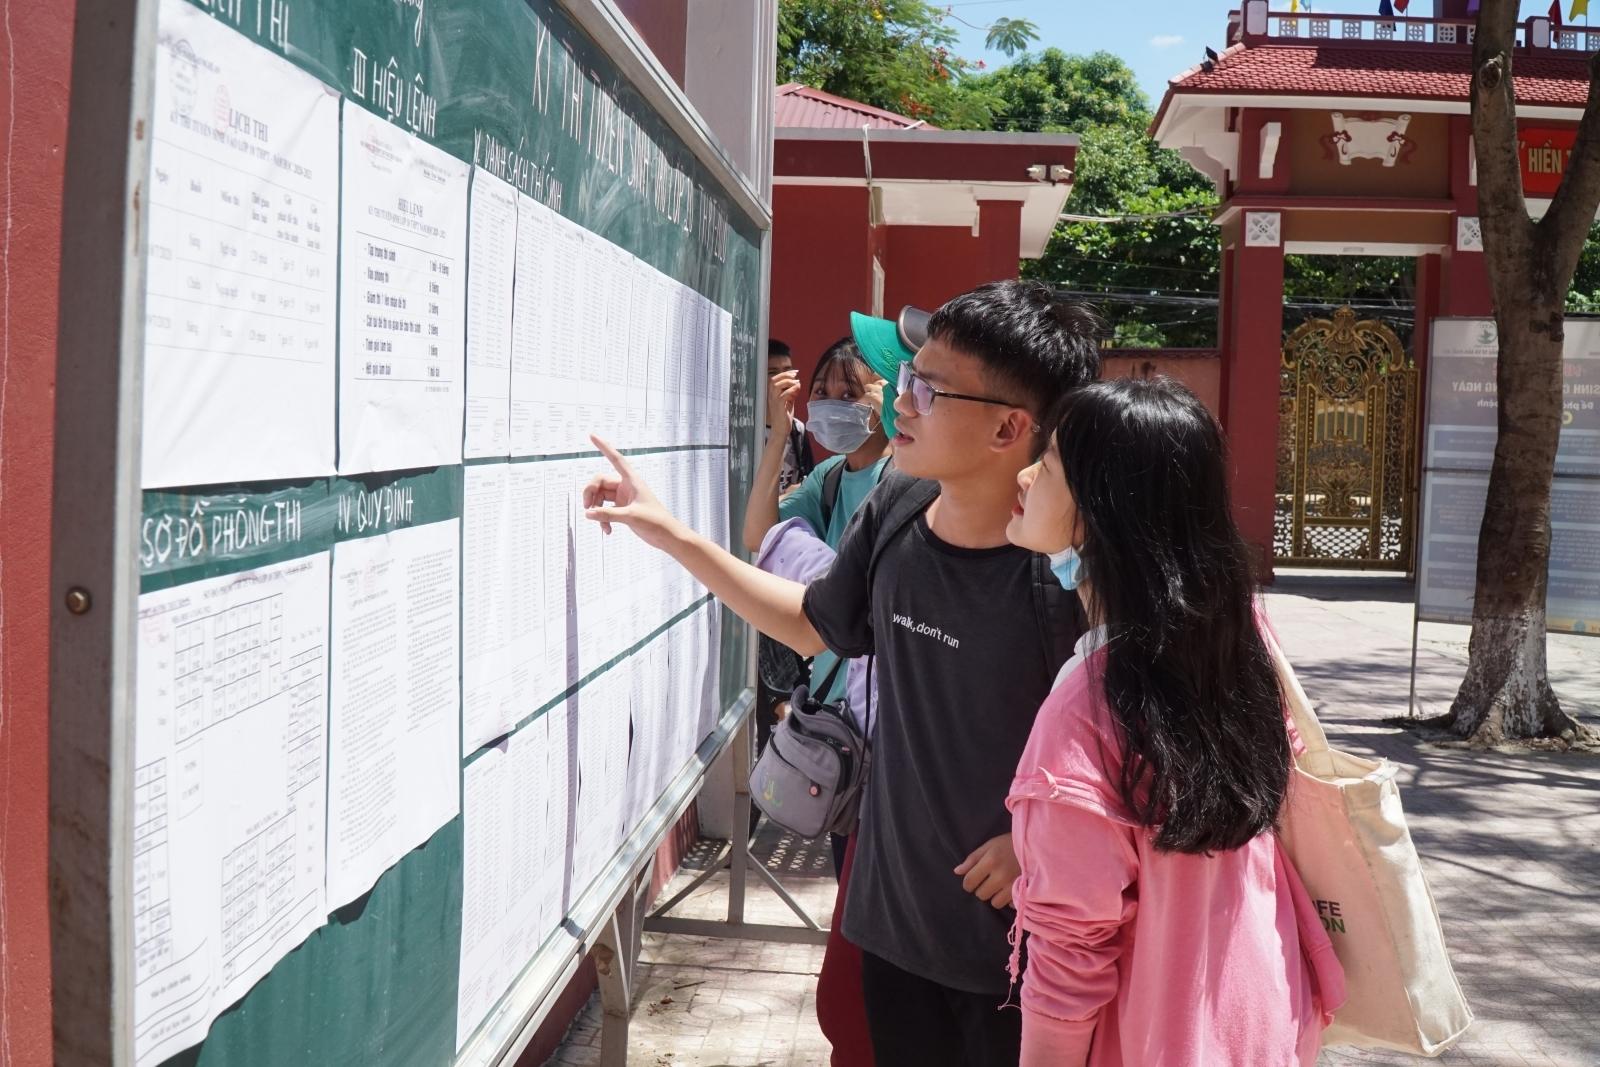 Lịch sử là môn thi thứ 4 vào lớp 10 tại Hà Nội